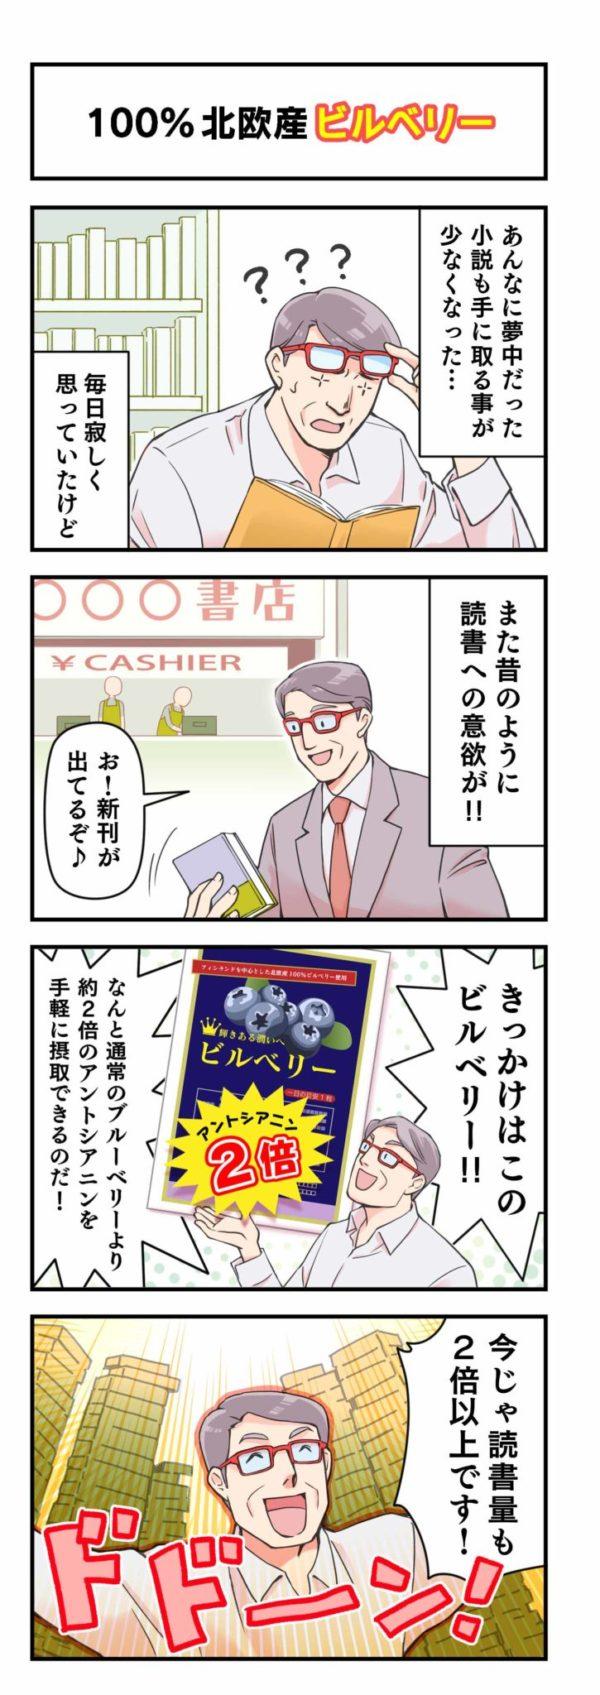 「ビルベリー」商品紹介4コマ漫画